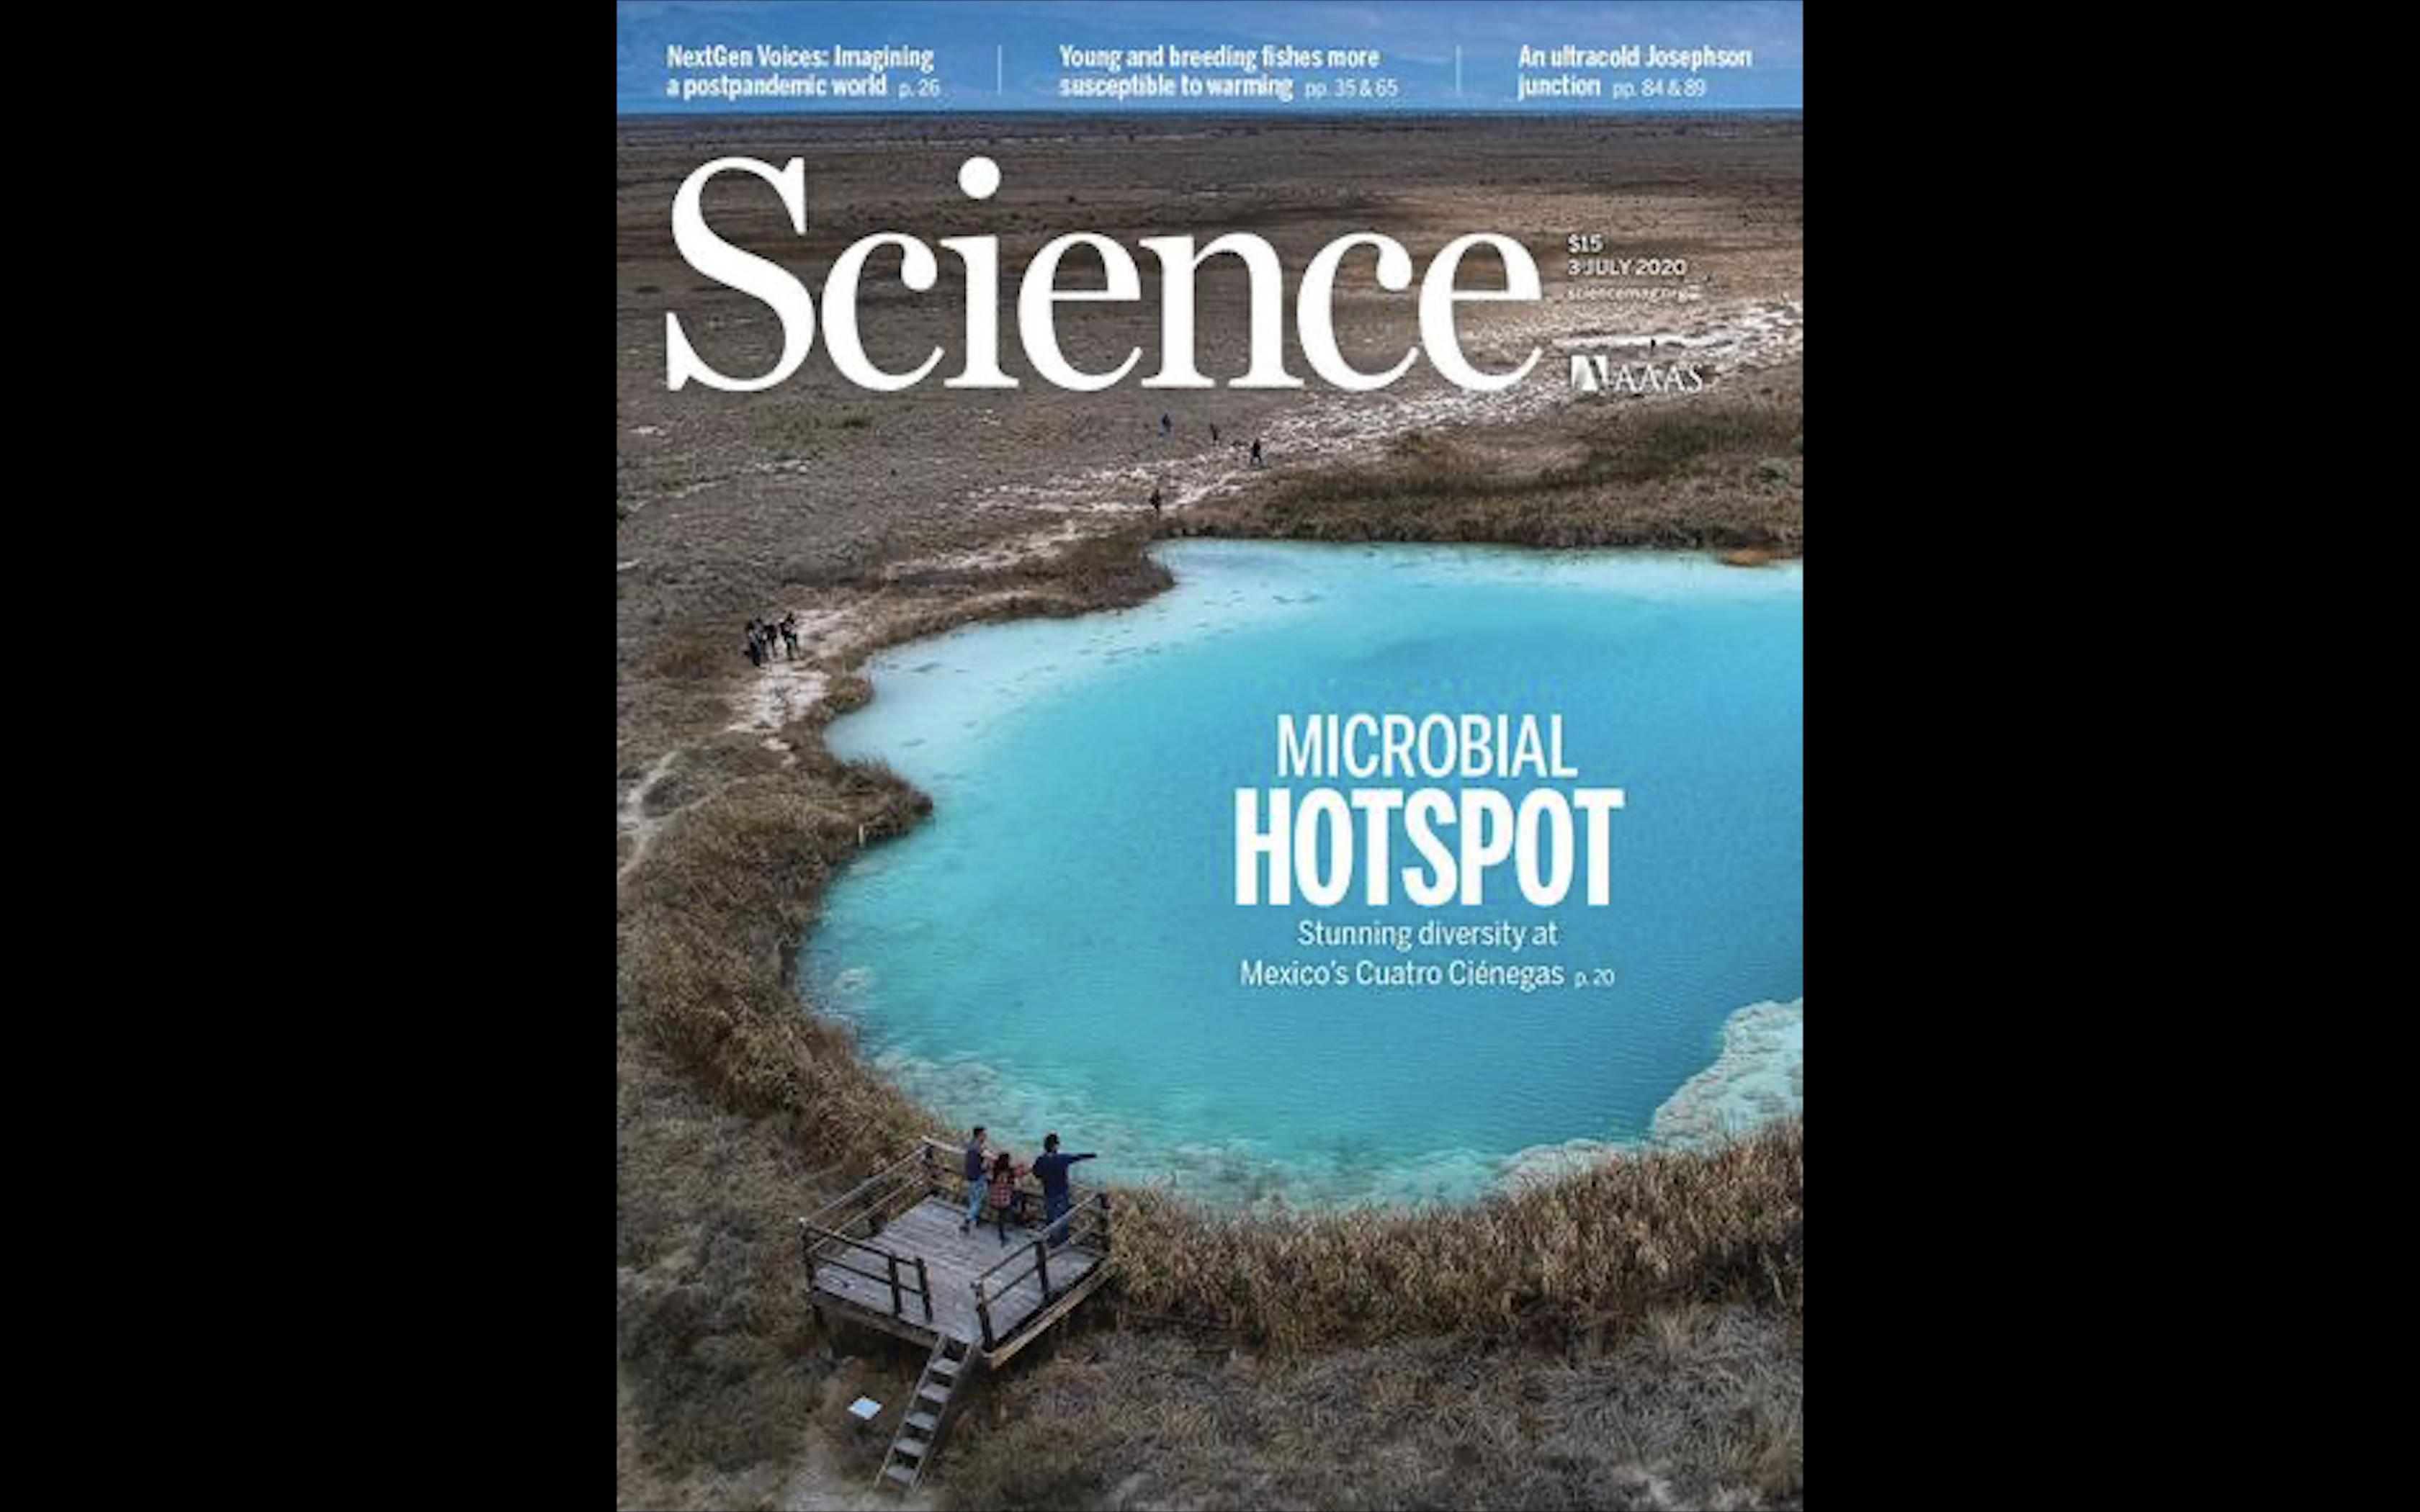 Журнал Science июль 2020: Главные материалы